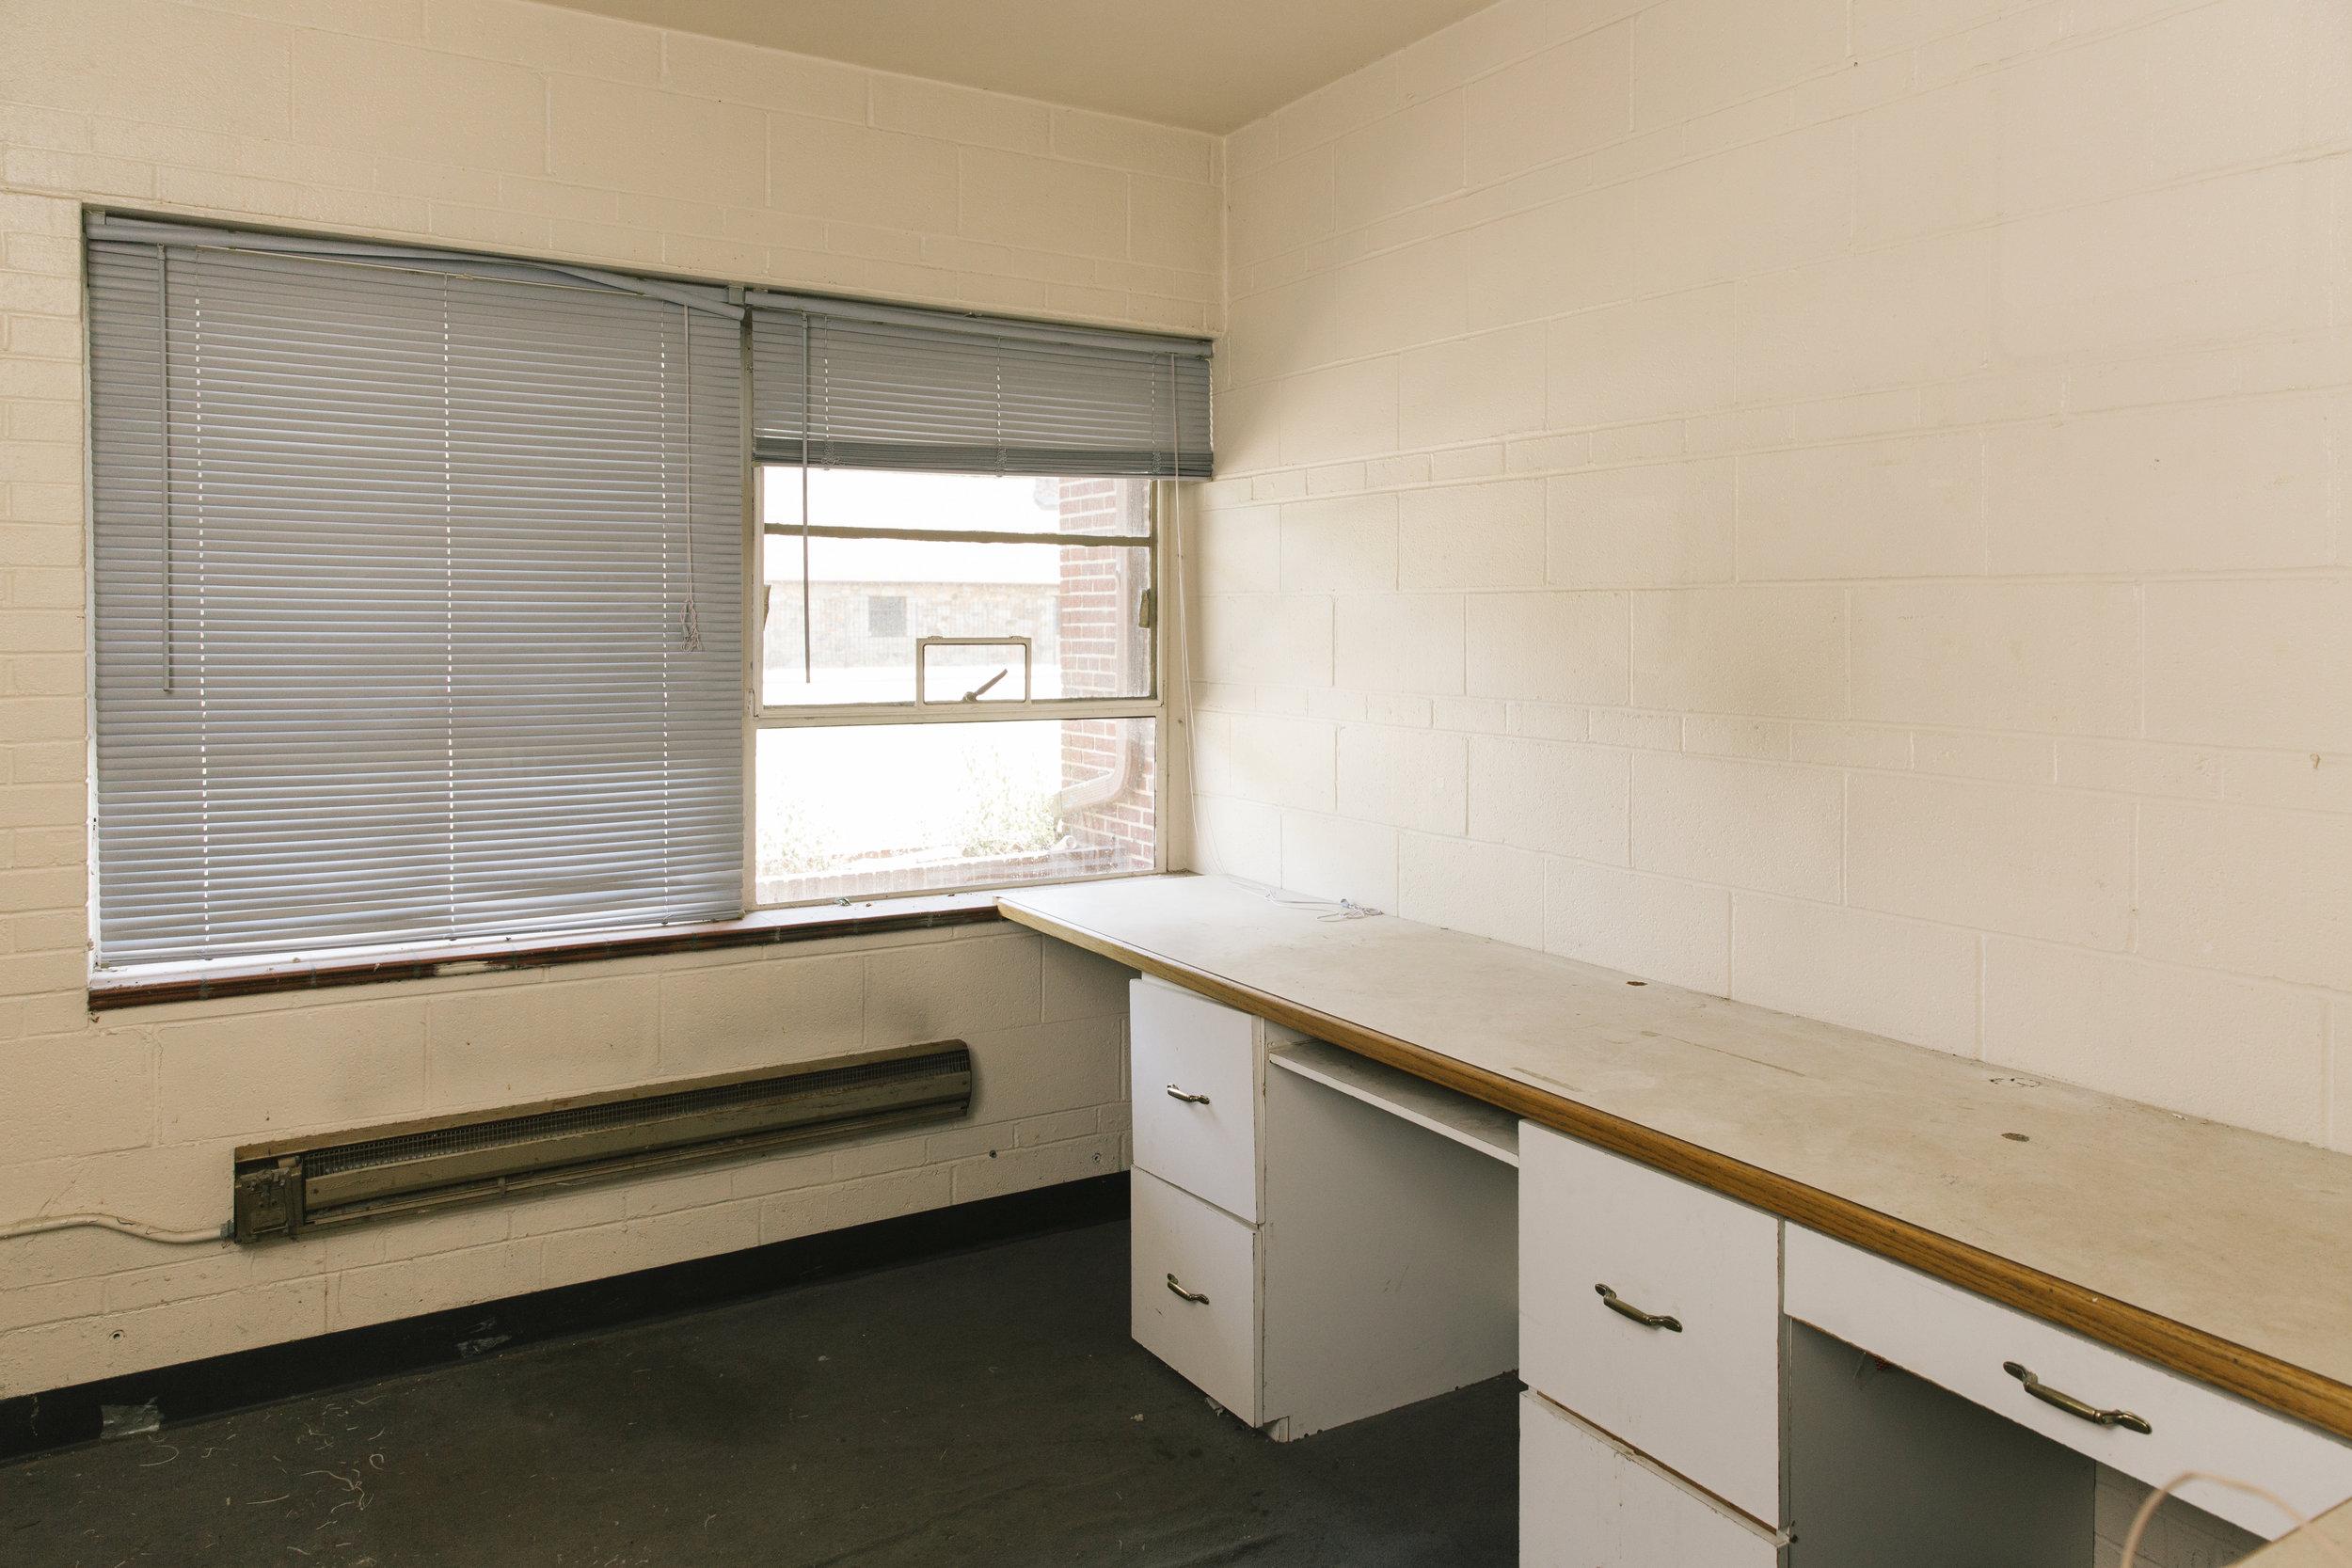 interpres office 04.JPG